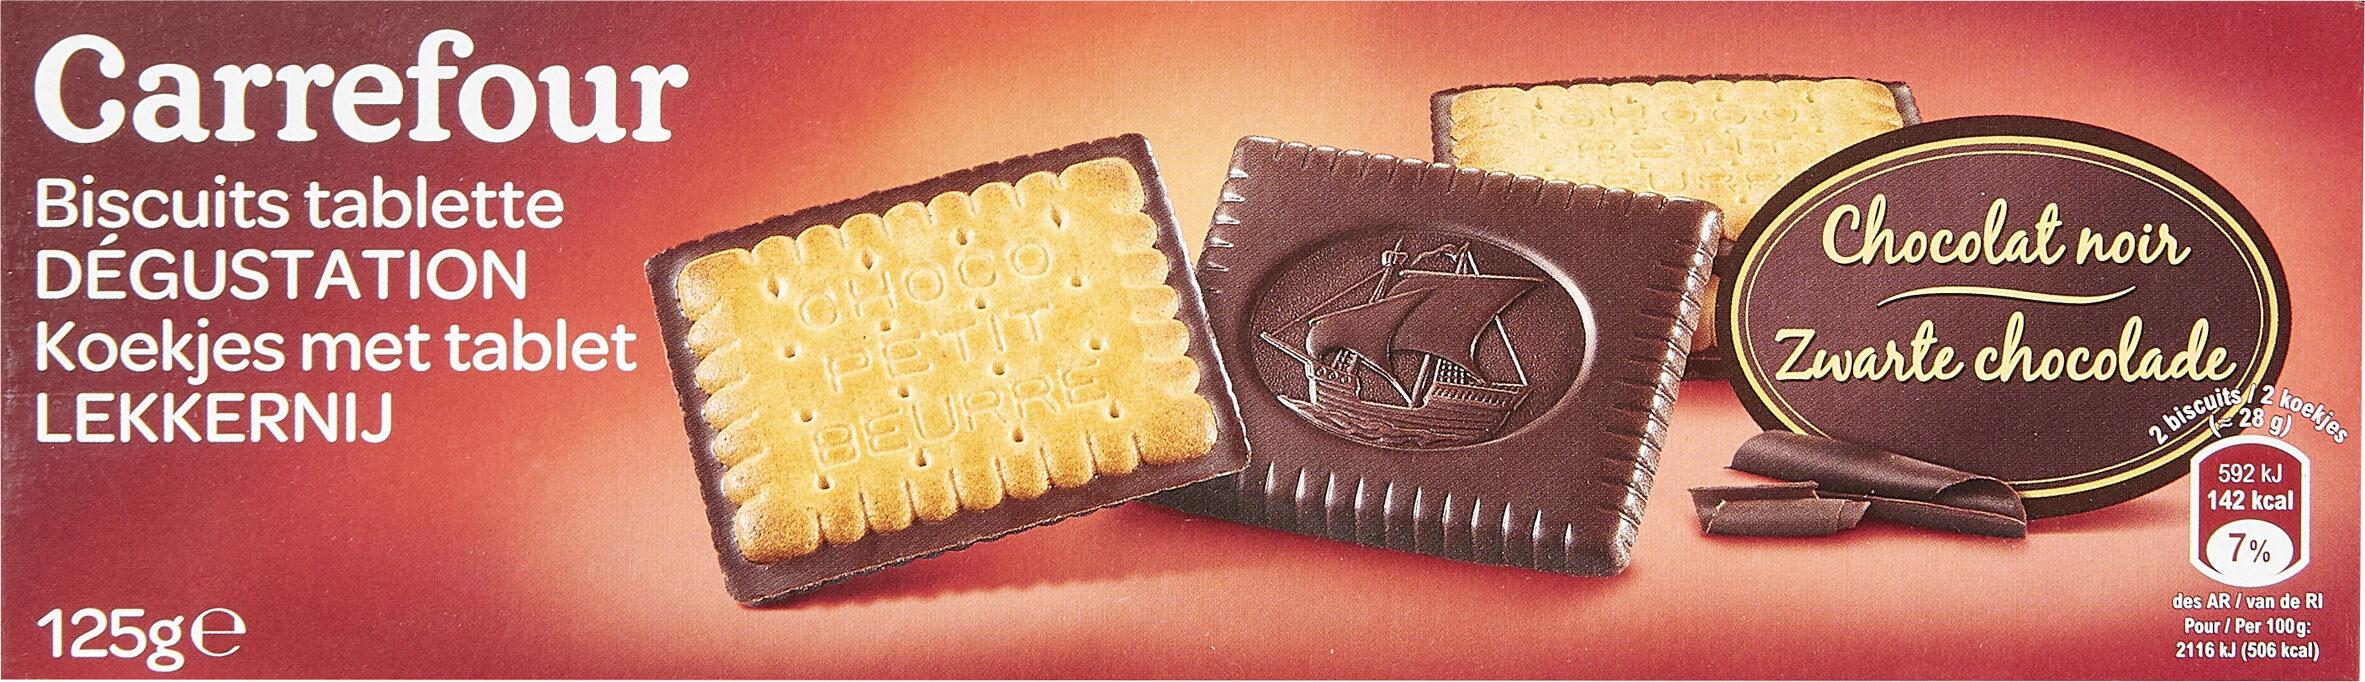 Biscuits tablette chocolat noir - Produit - fr